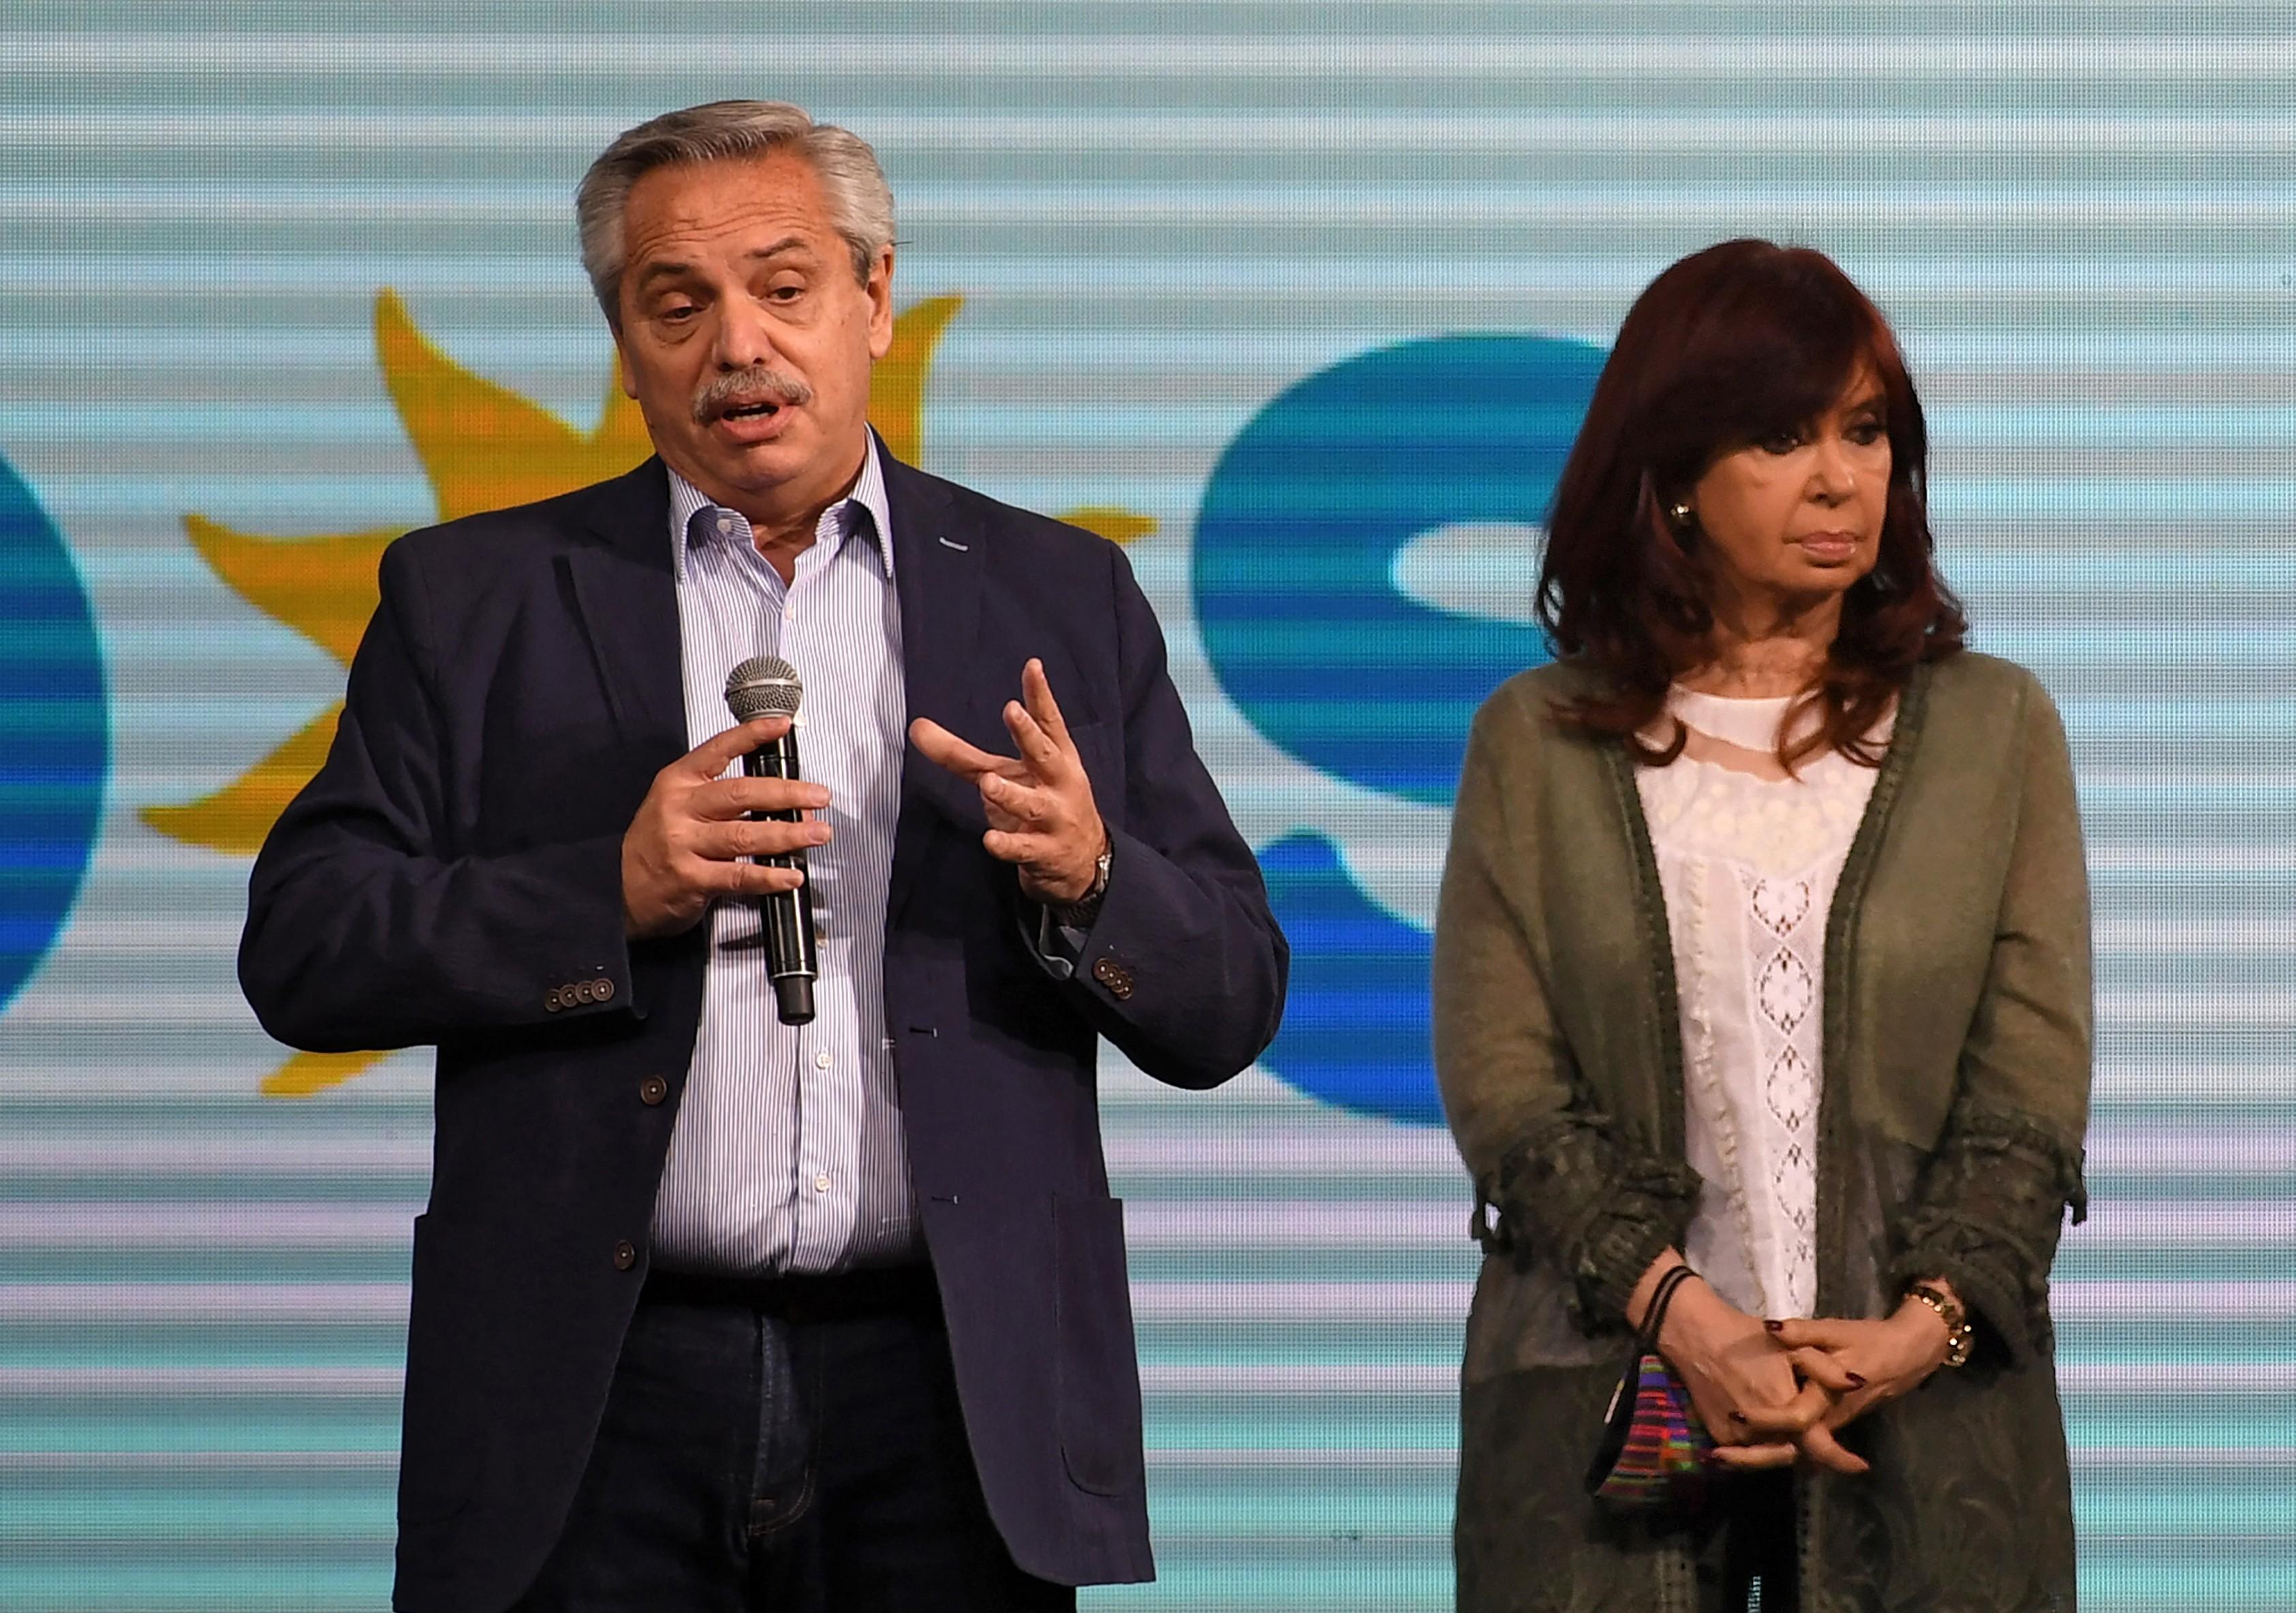 Presidente argentino cancela viagens ao exterior para evitar que Cristina Kirchner assuma durante ausência